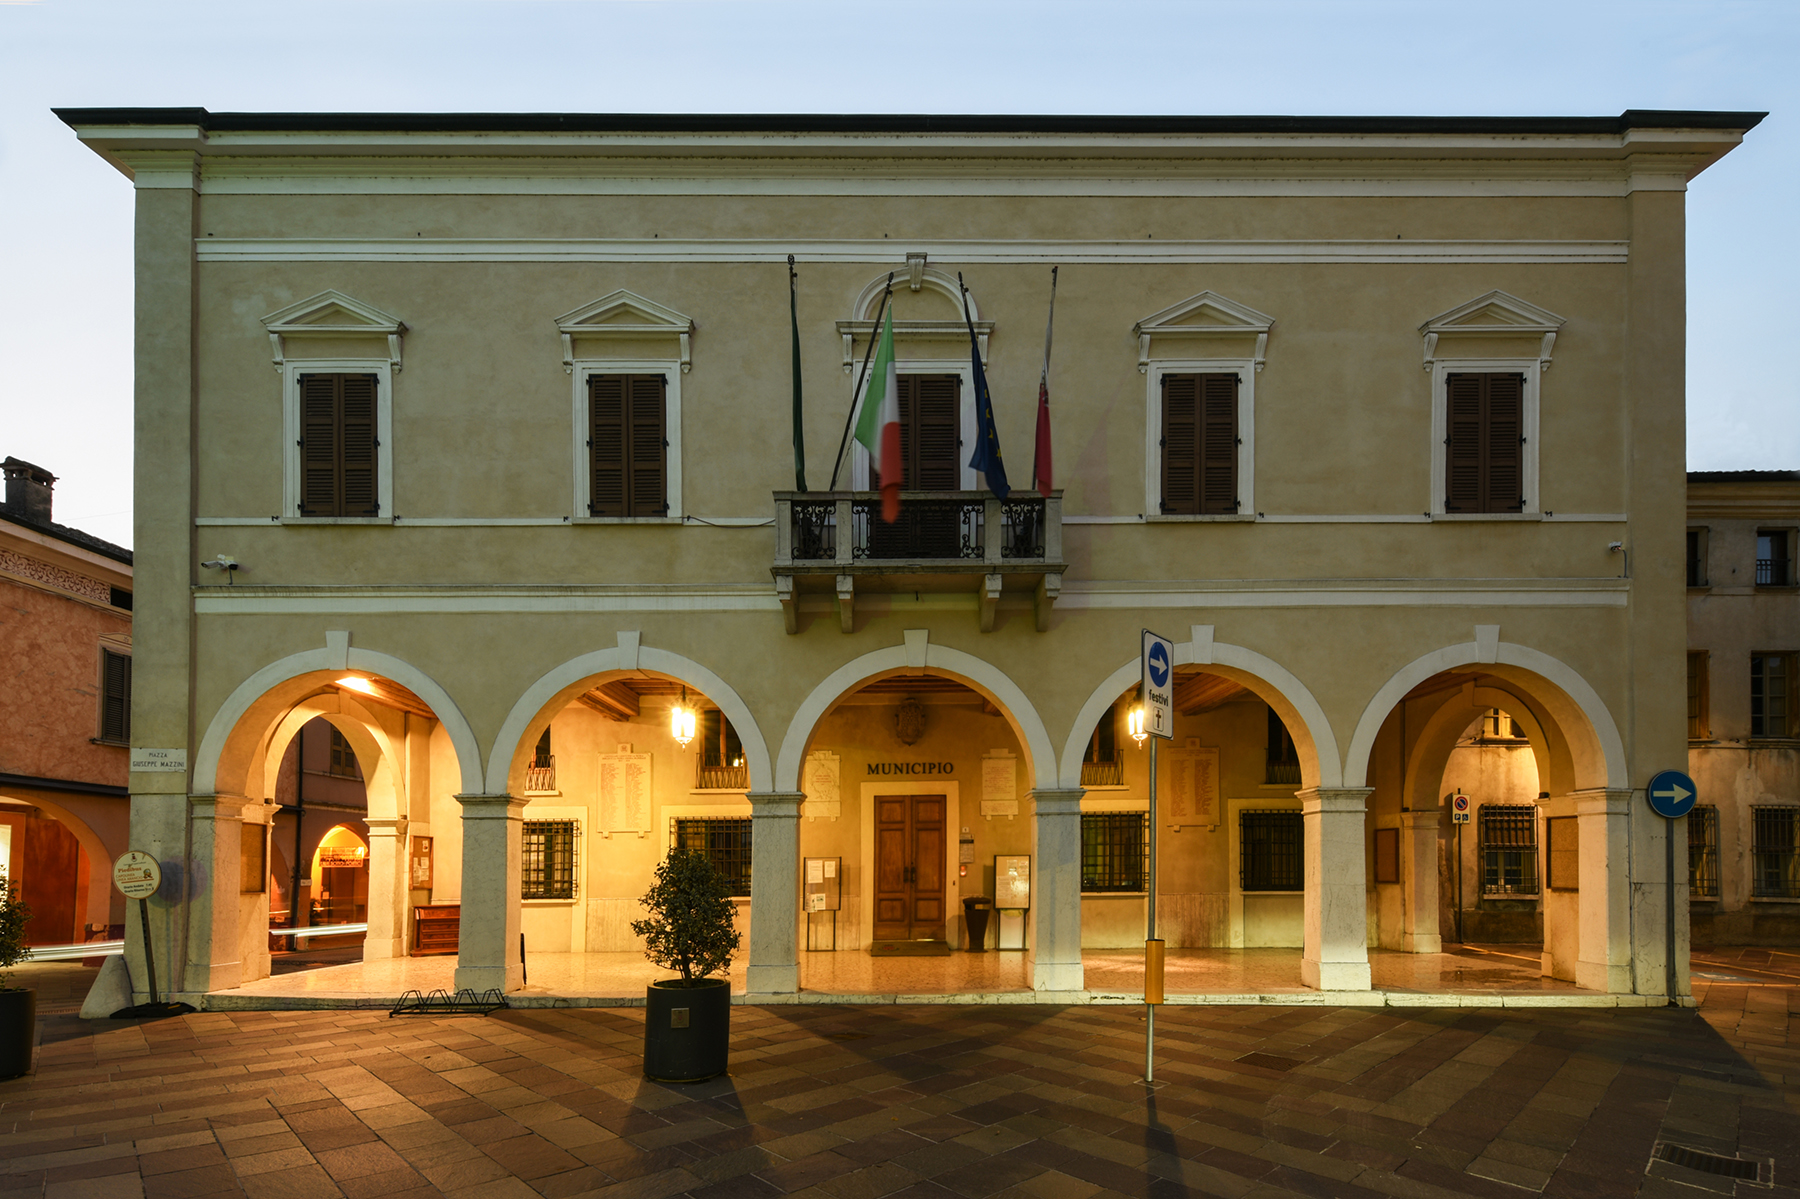 EDIFICIO COMUNALE   Castel Goffredo - Mantova – Italia. Case Study PERFOMANCE iN LIGHTING.